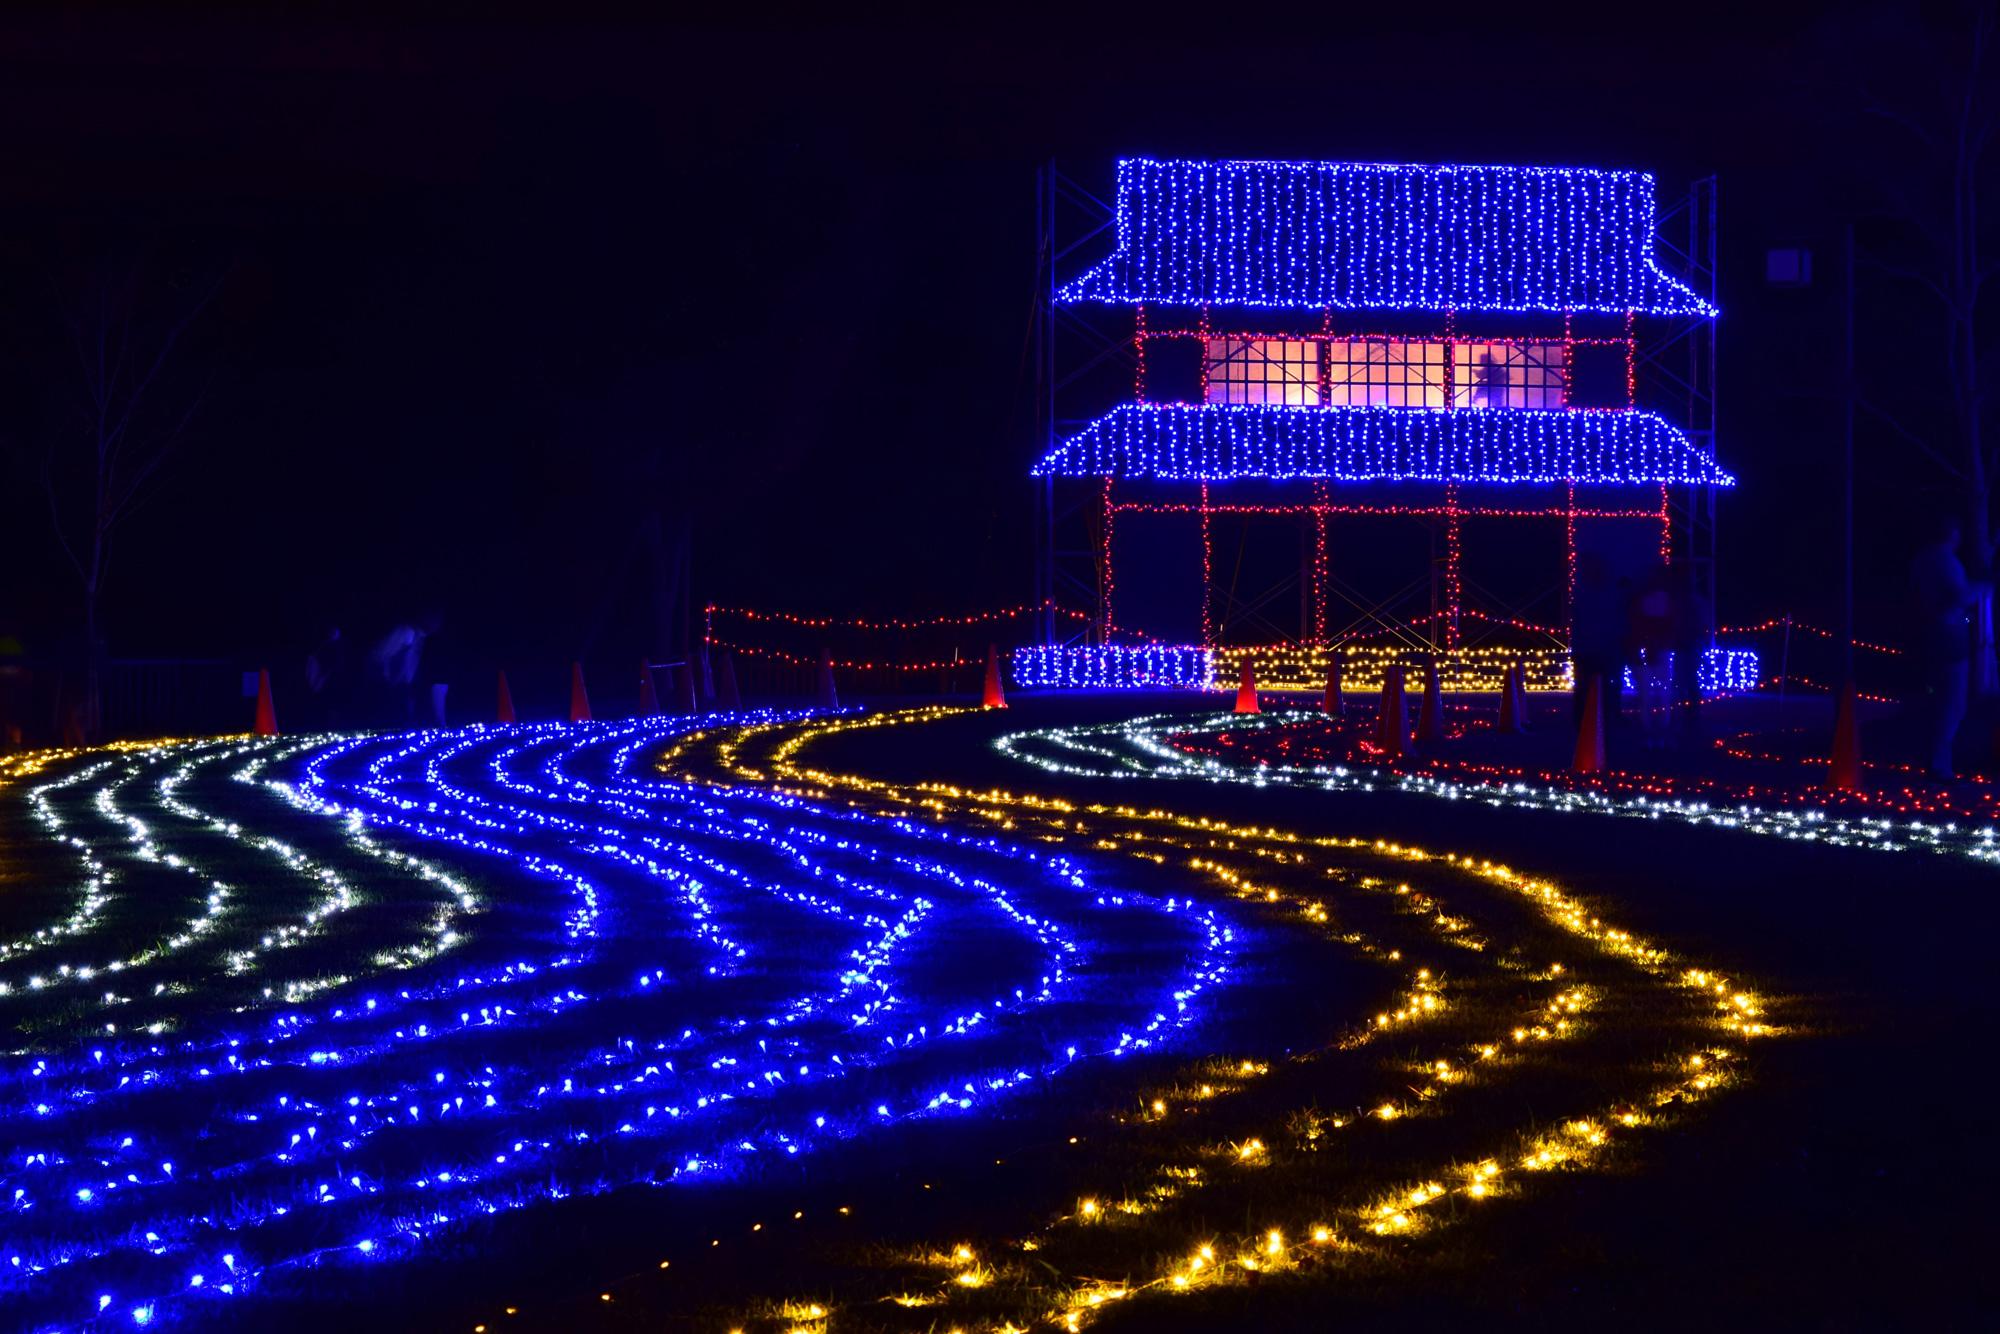 かつての都に思いを馳せる「紫香楽宮 都あかり」